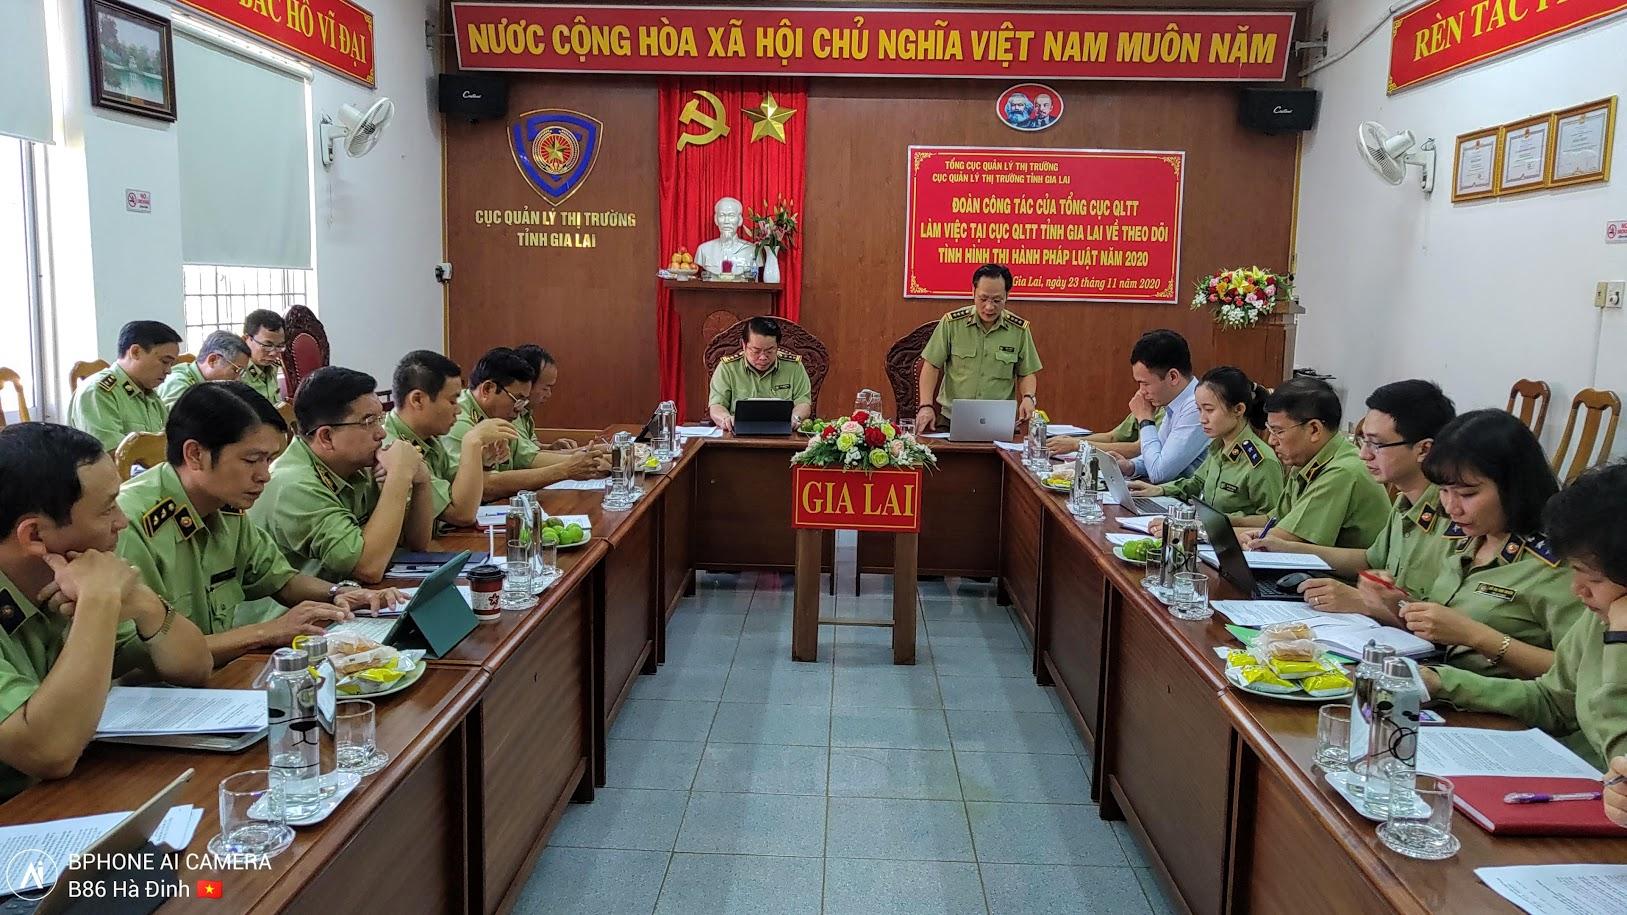 Đoàn công tác của Tổng Cục QLTT làm việc tại Cục QLTT tỉnh Gia Lai